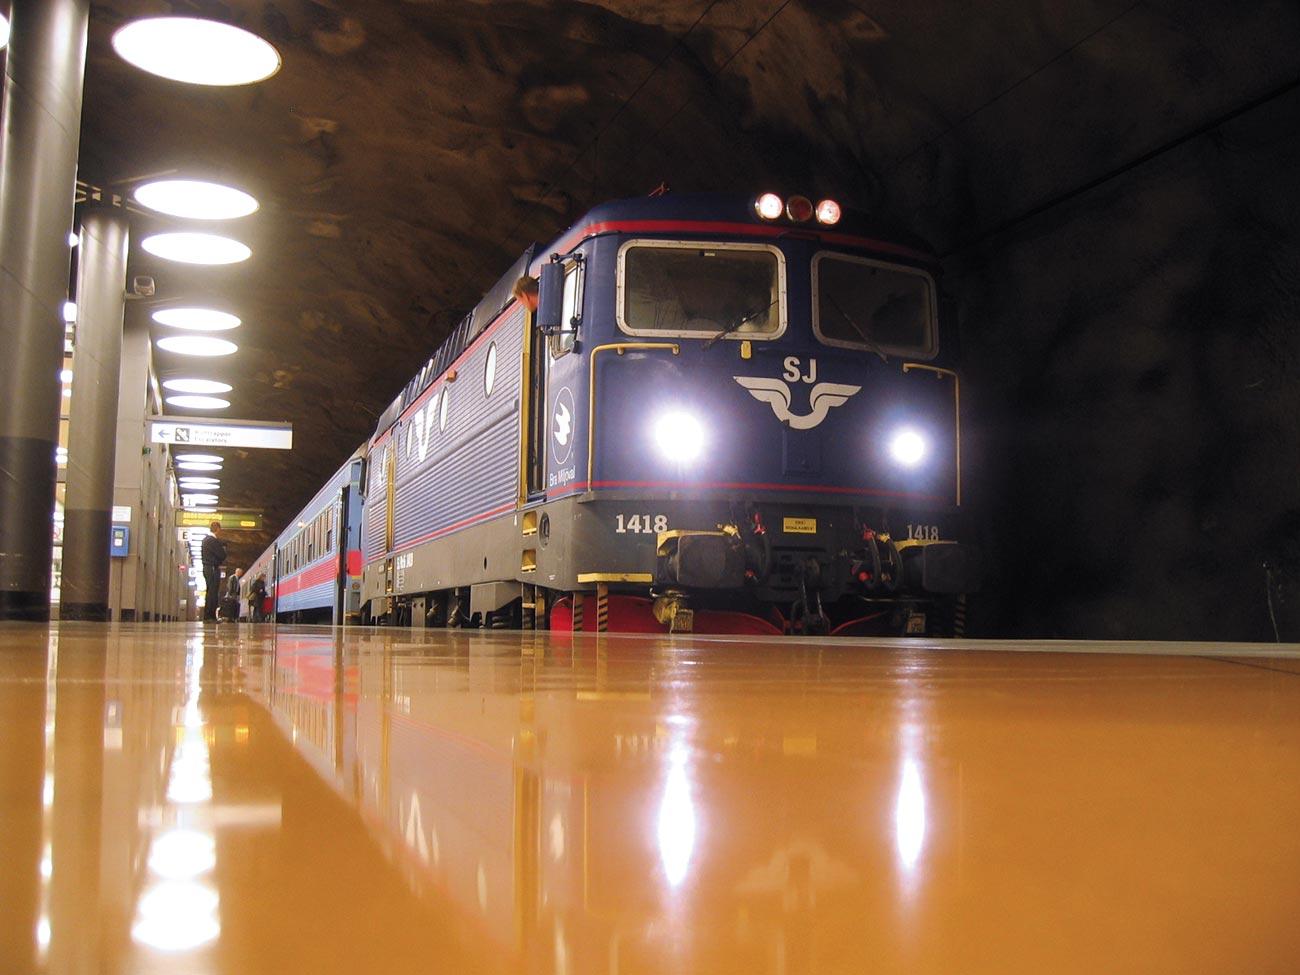 Golv och SJ-tåg vid Arlandabanan